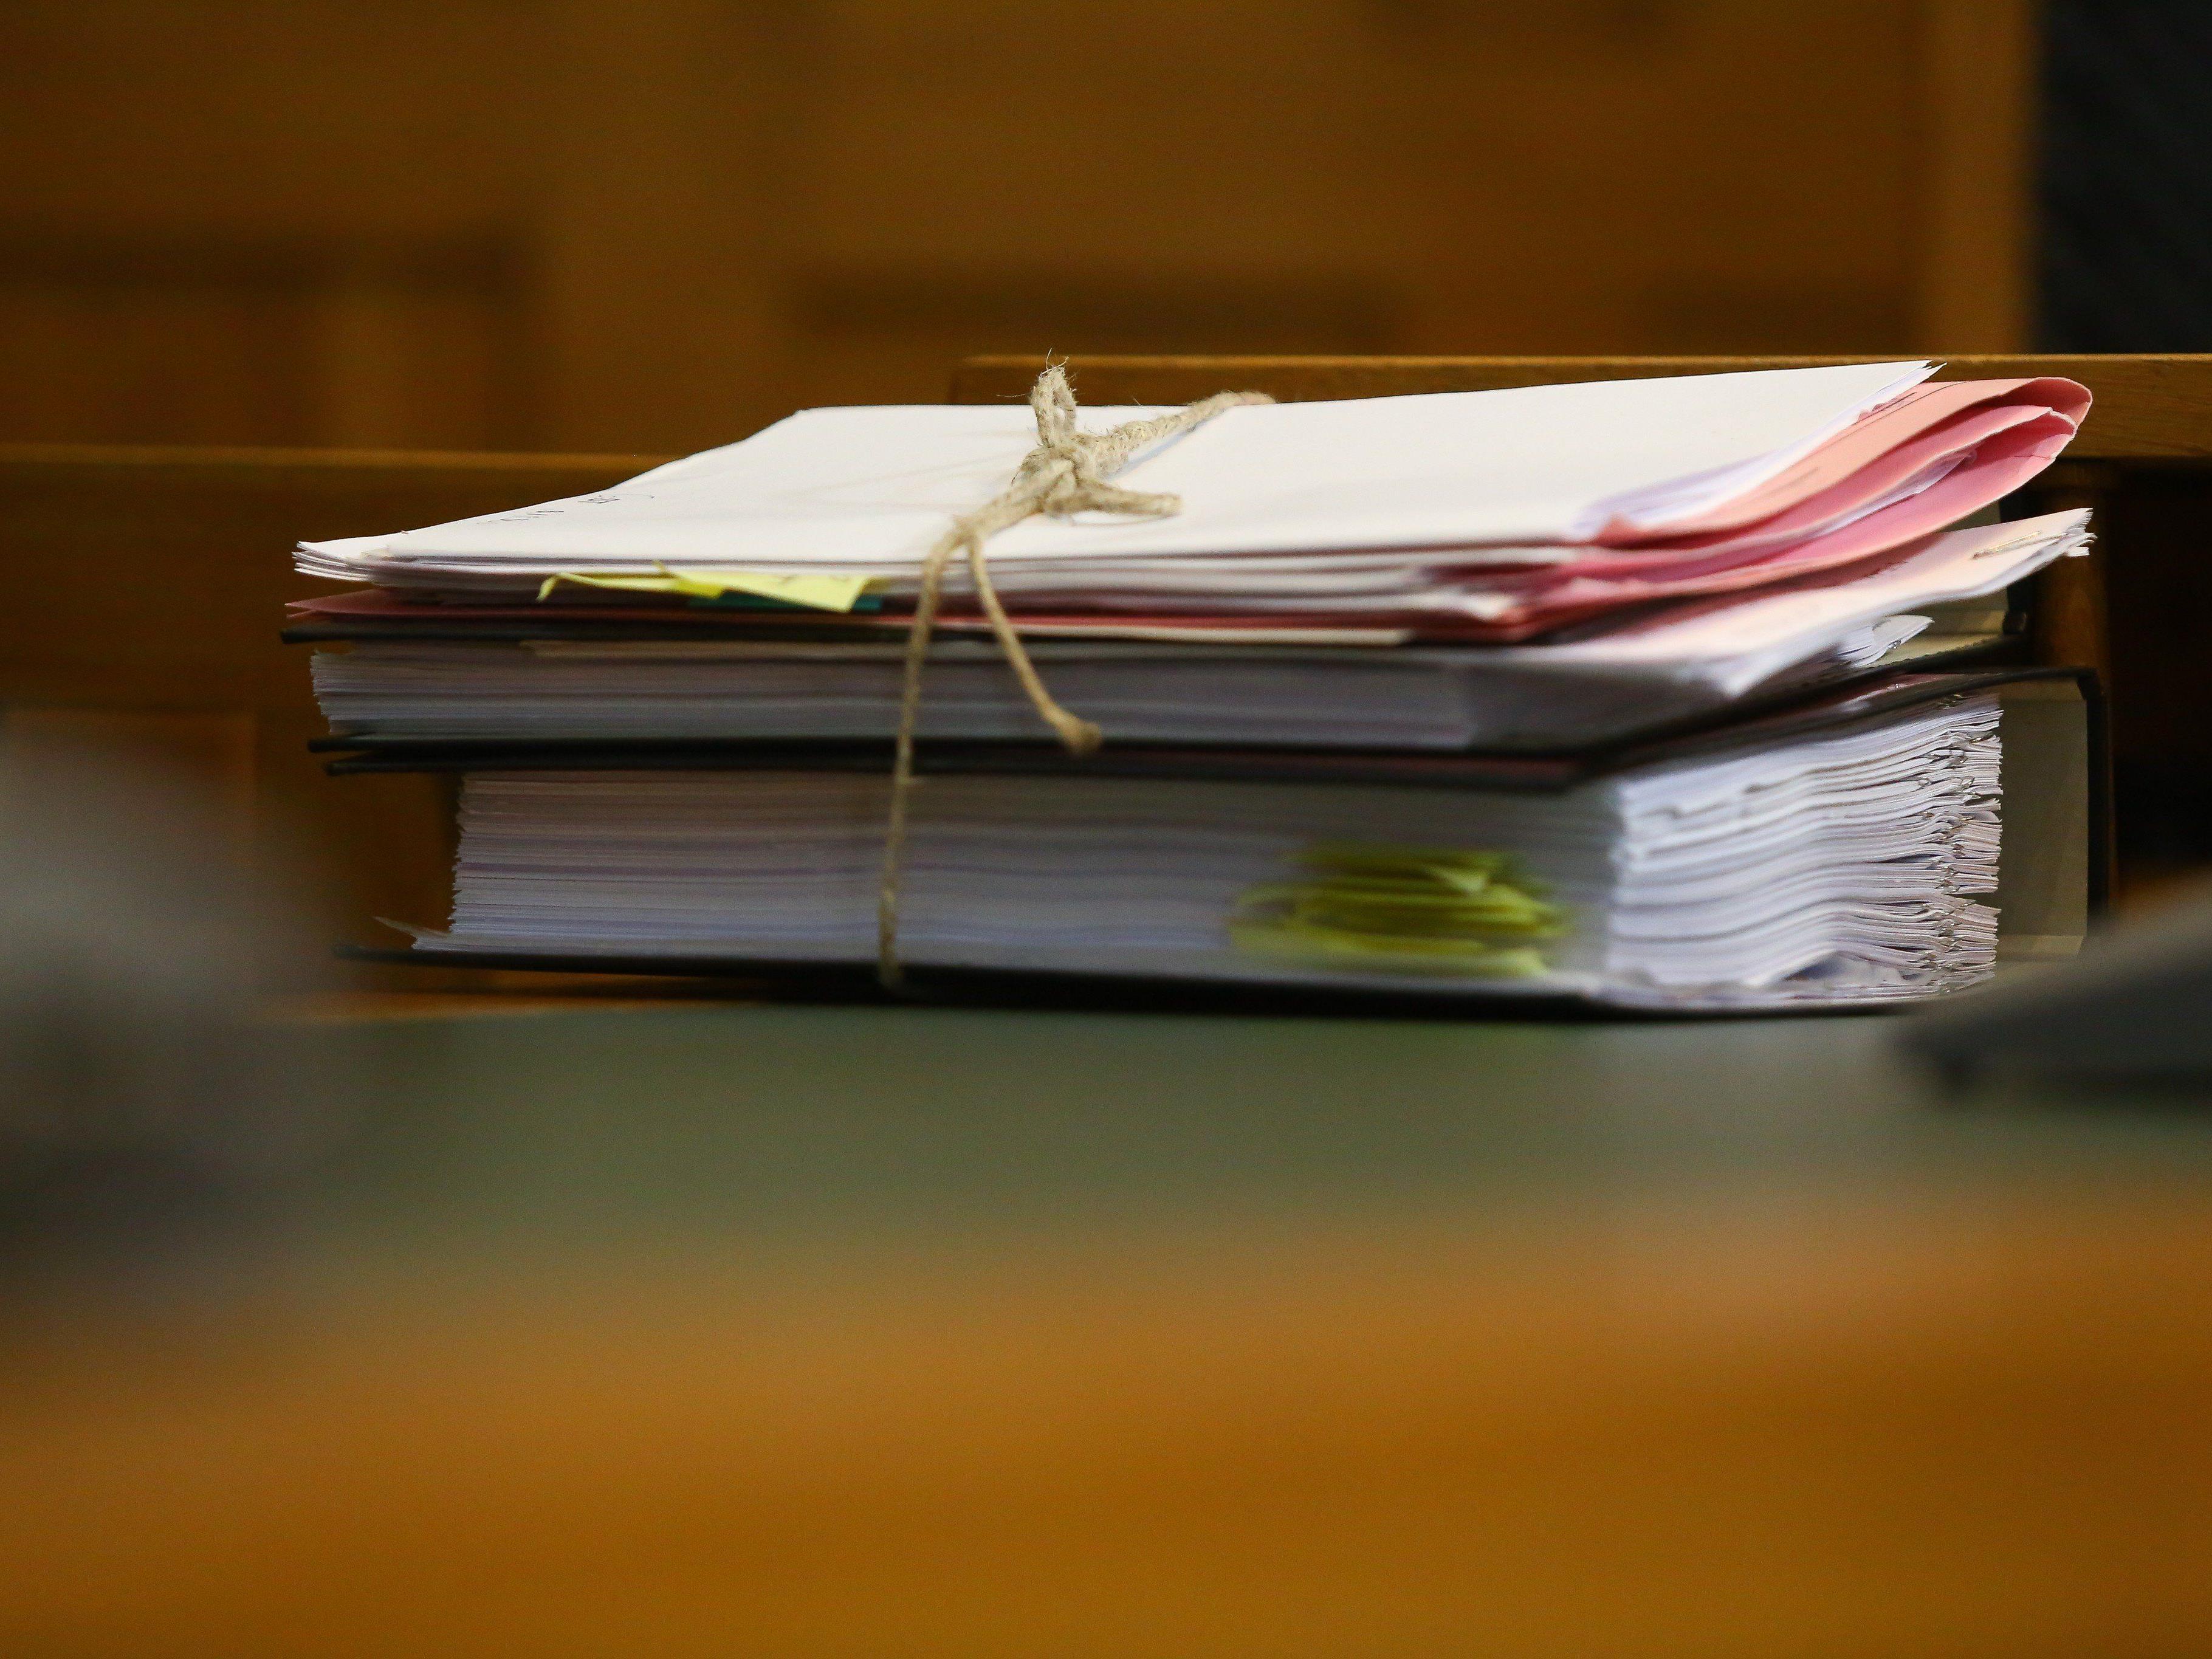 Landesgericht genehmigt mittellosem Patienten keinen kostenlosen Anwalt für Schadenersatzklage gegen KHBG.